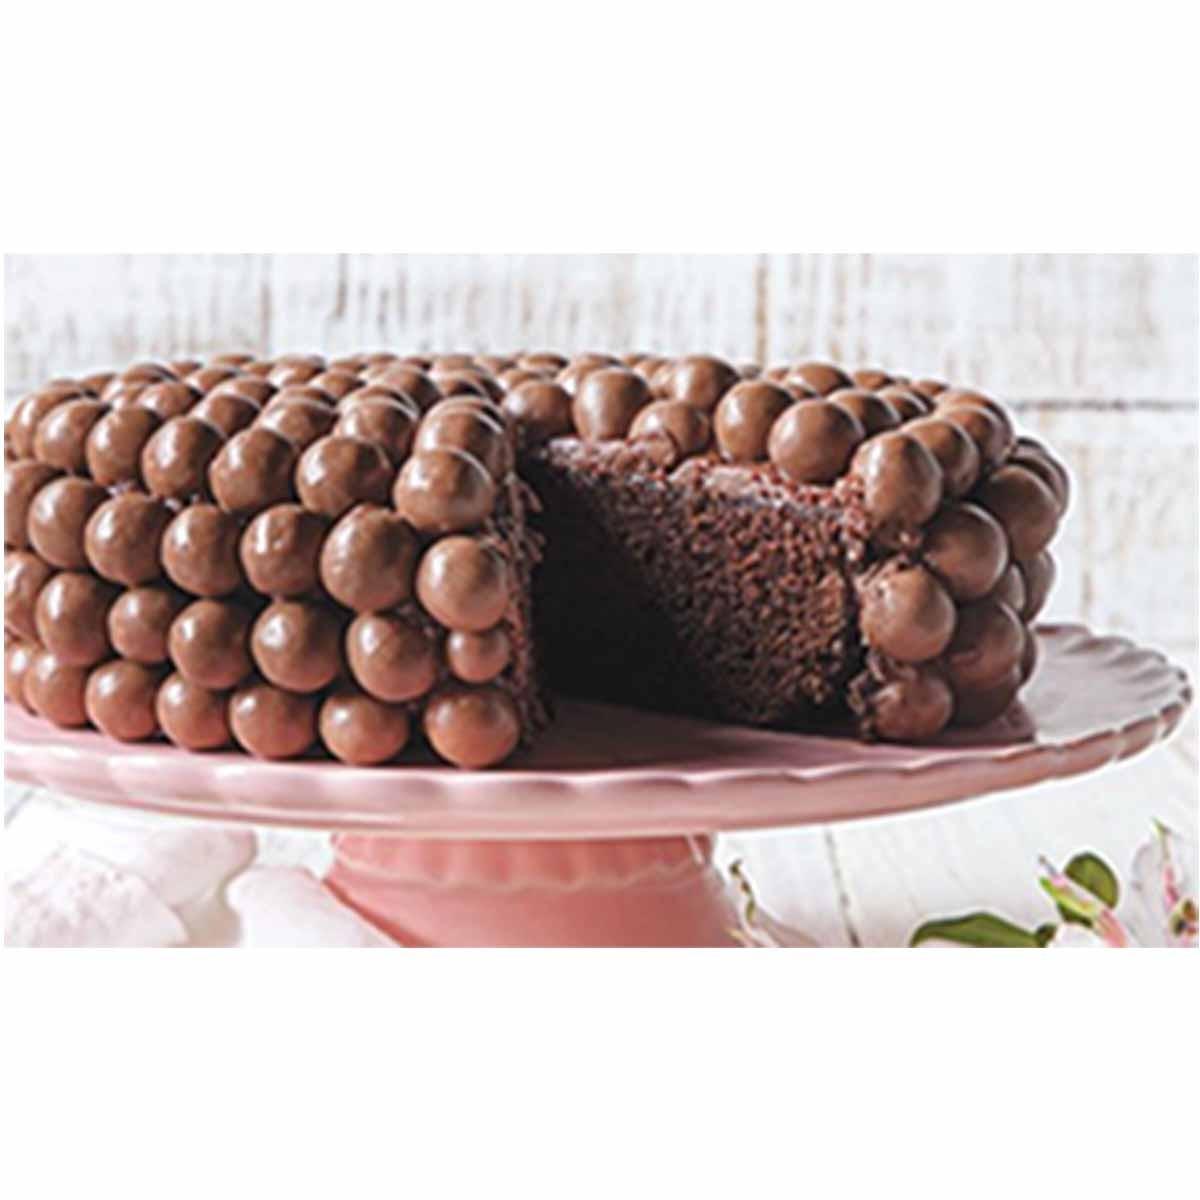 Chocoball Choco Power Ball Ao Leite 500g Mavalerio C 6 Embaleme Embalagens E Festas